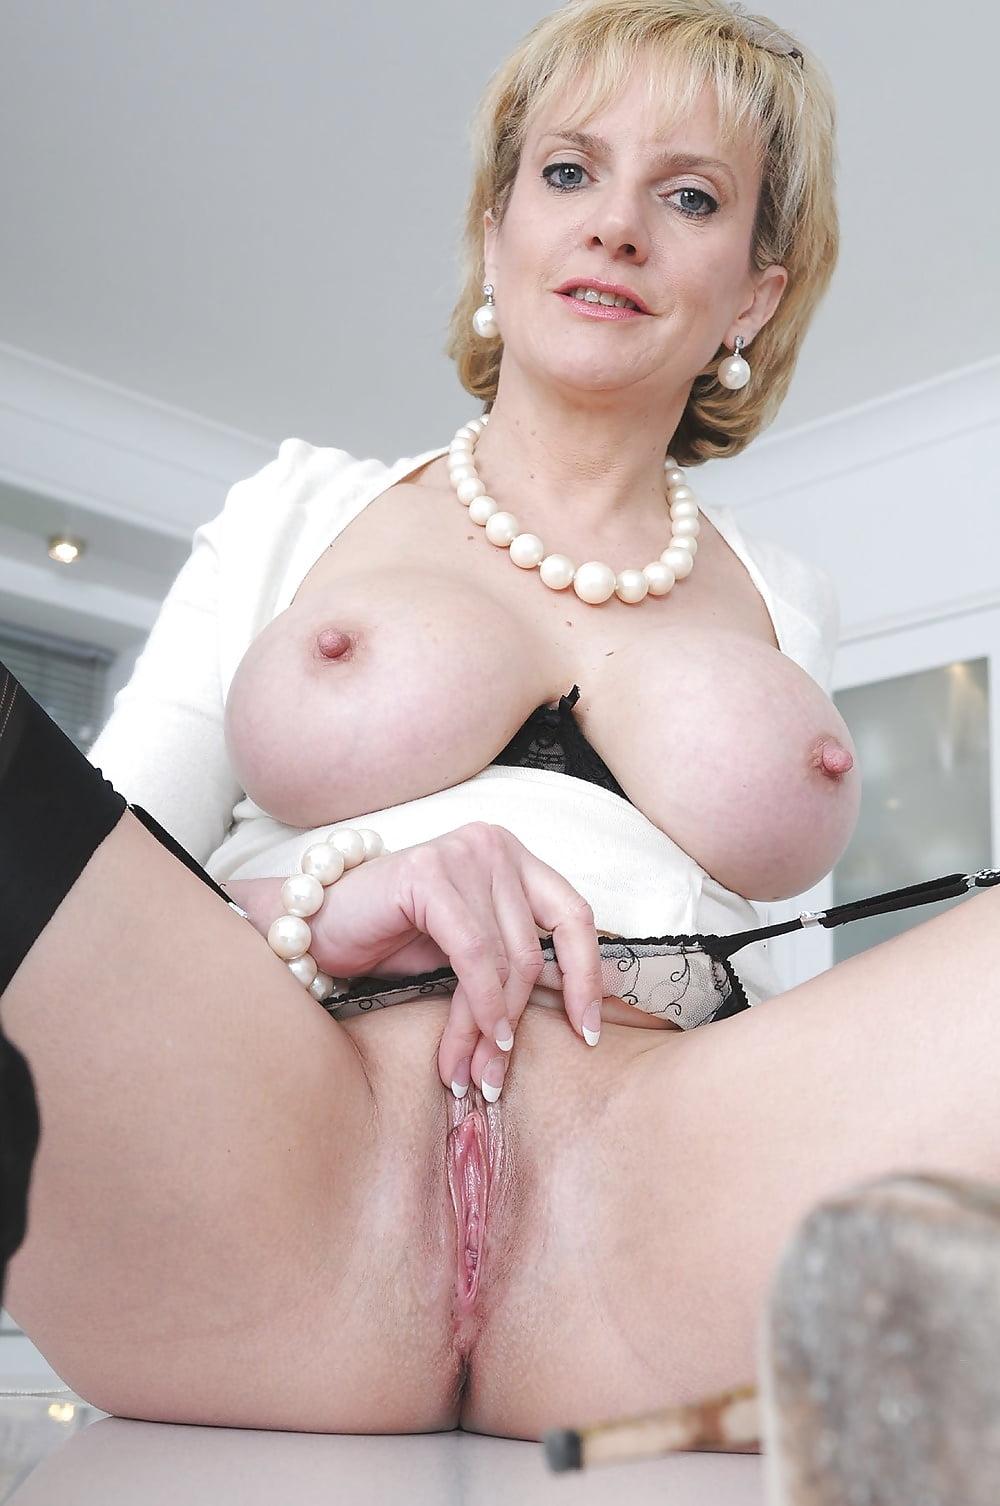 женщины леди соня английская порнозвезда там там свои